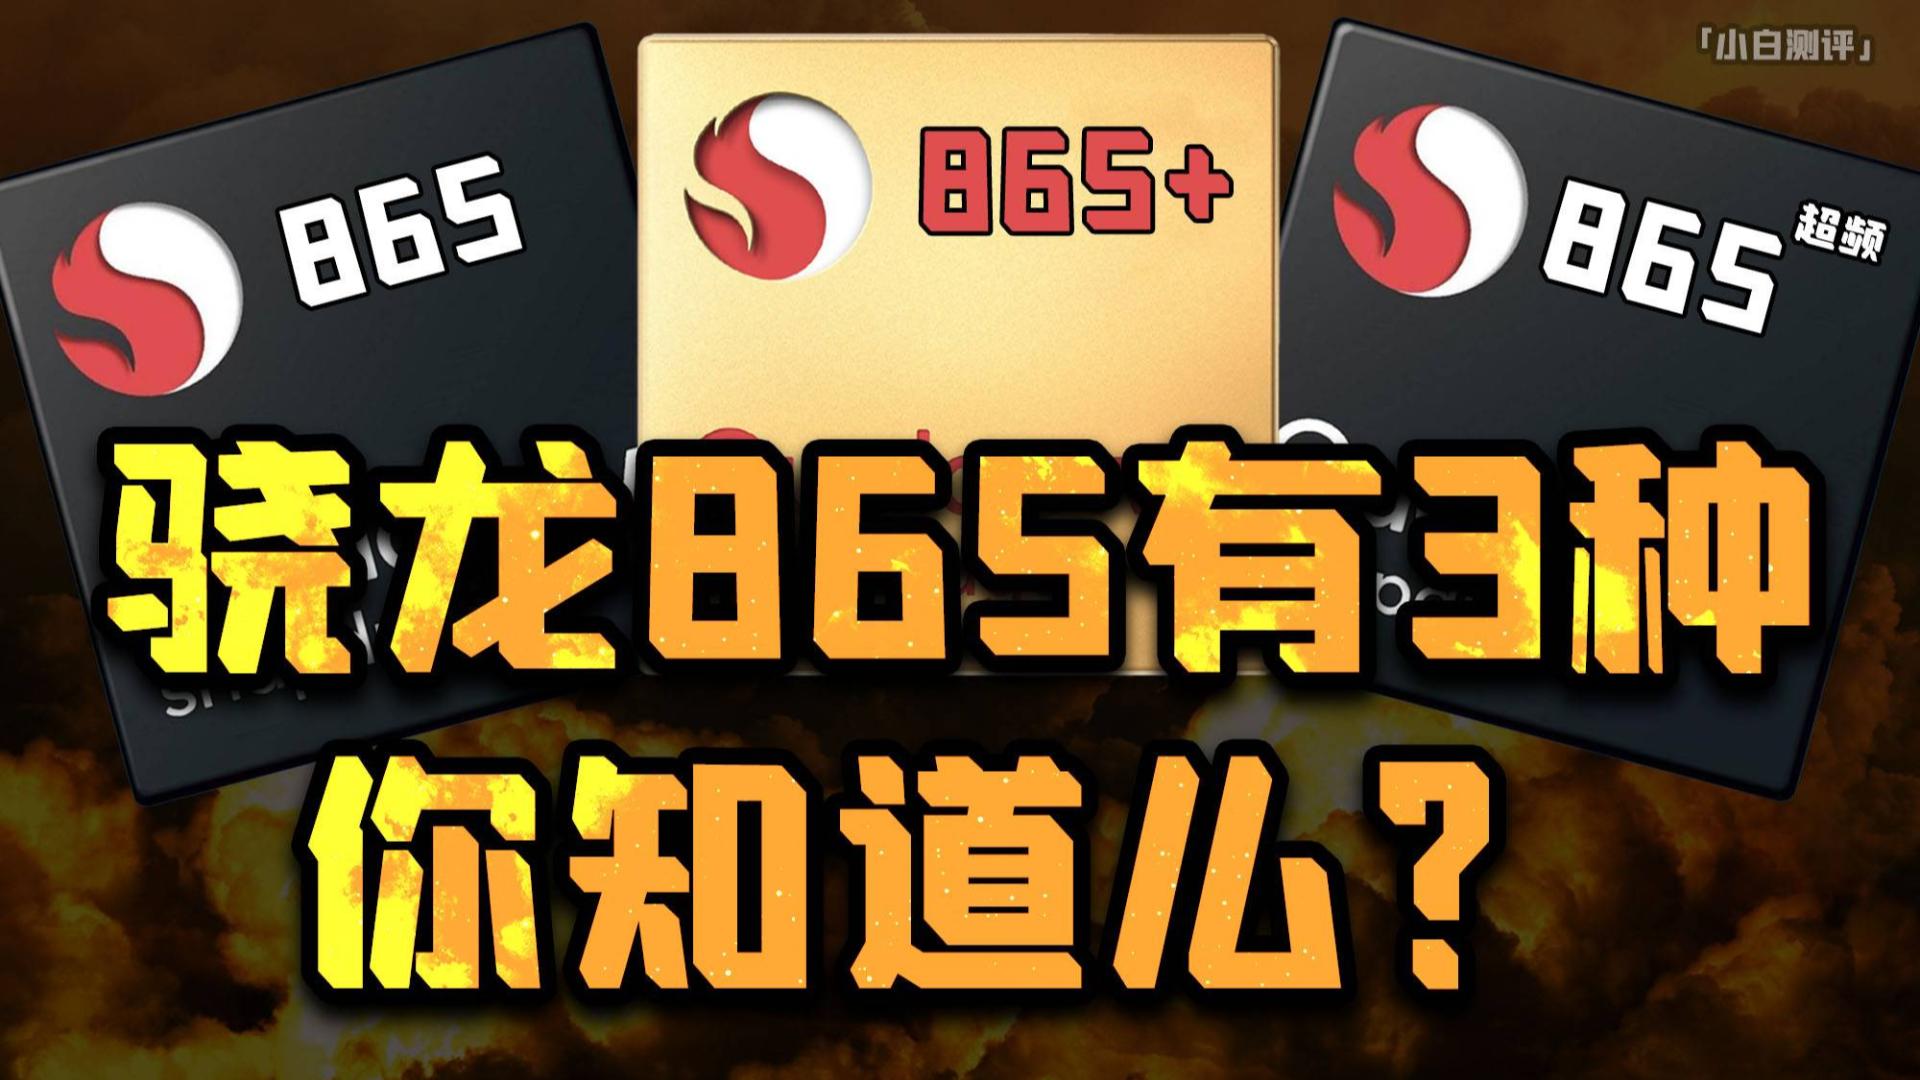 「小白测评」骁龙865+到底快多少?3种865处理器实测